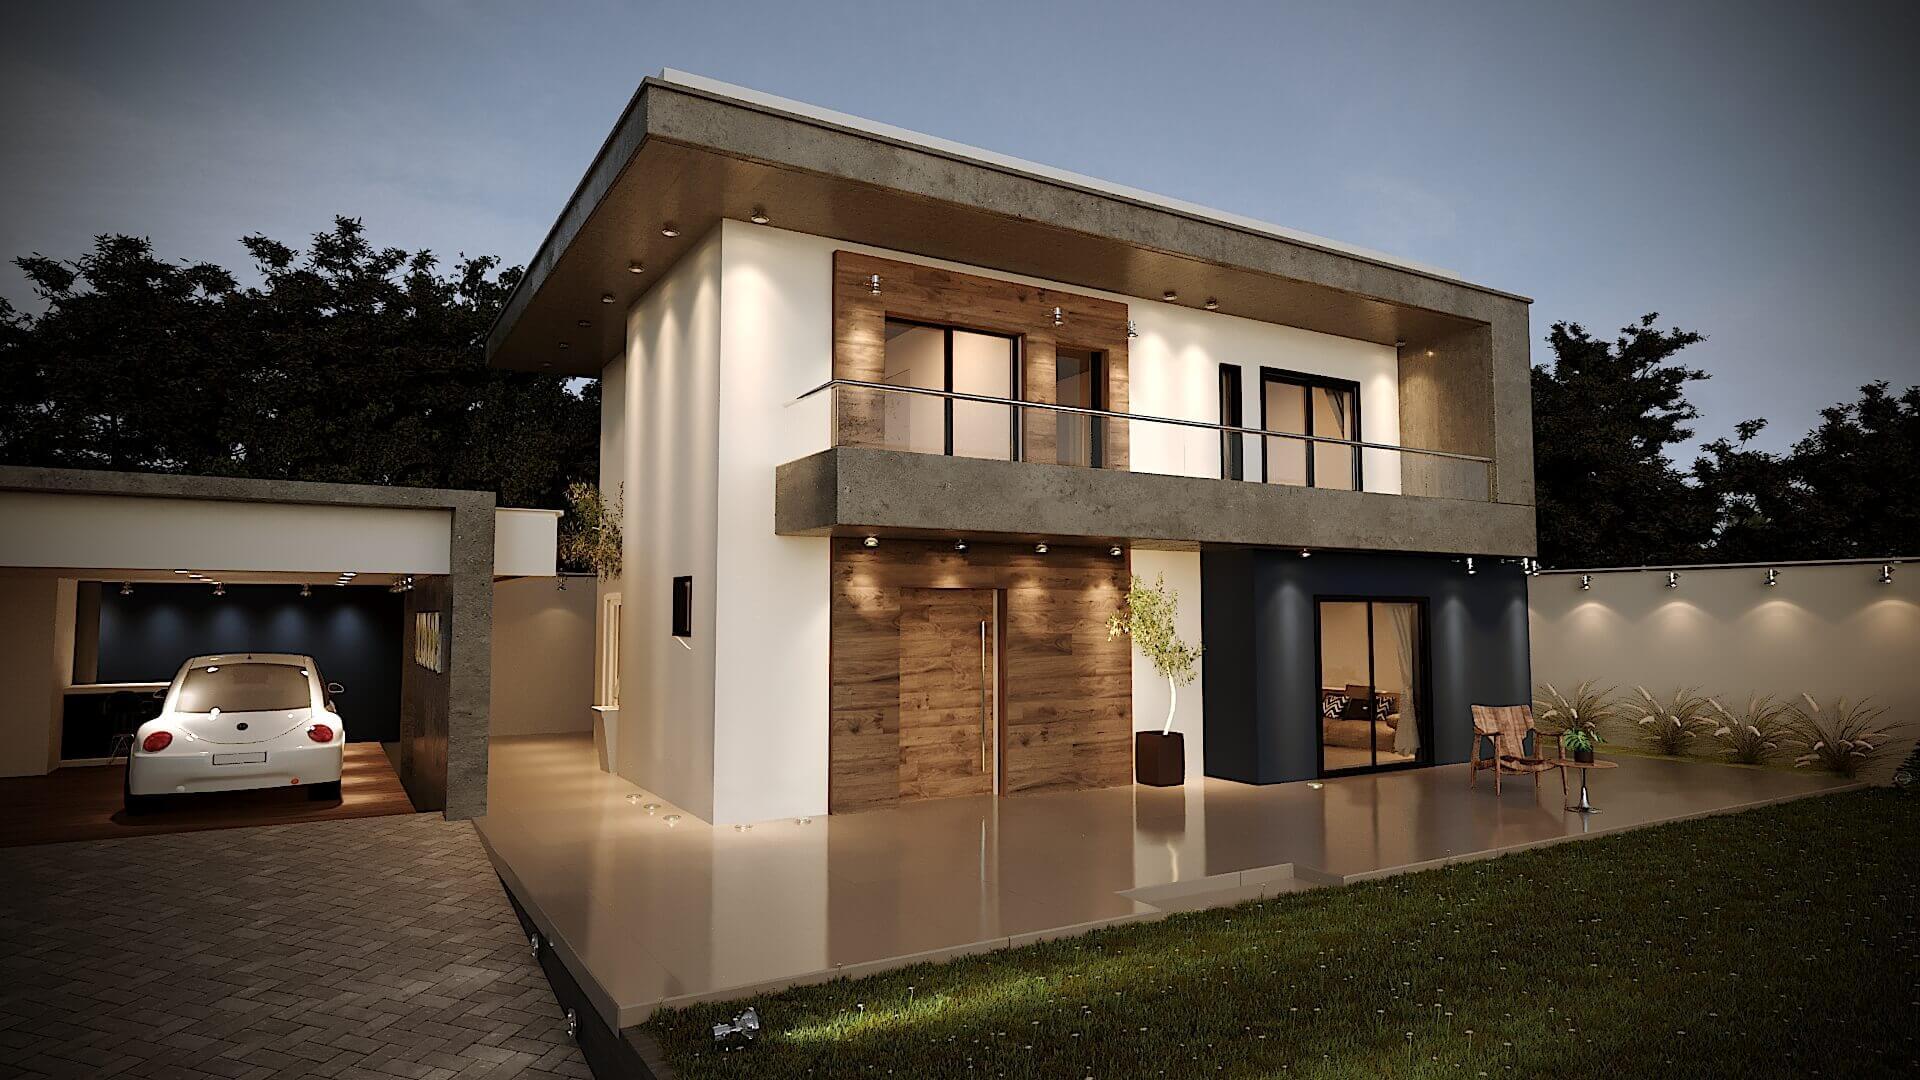 Casa Fachada Contemporânea detalhe madeira concreto e parede azul